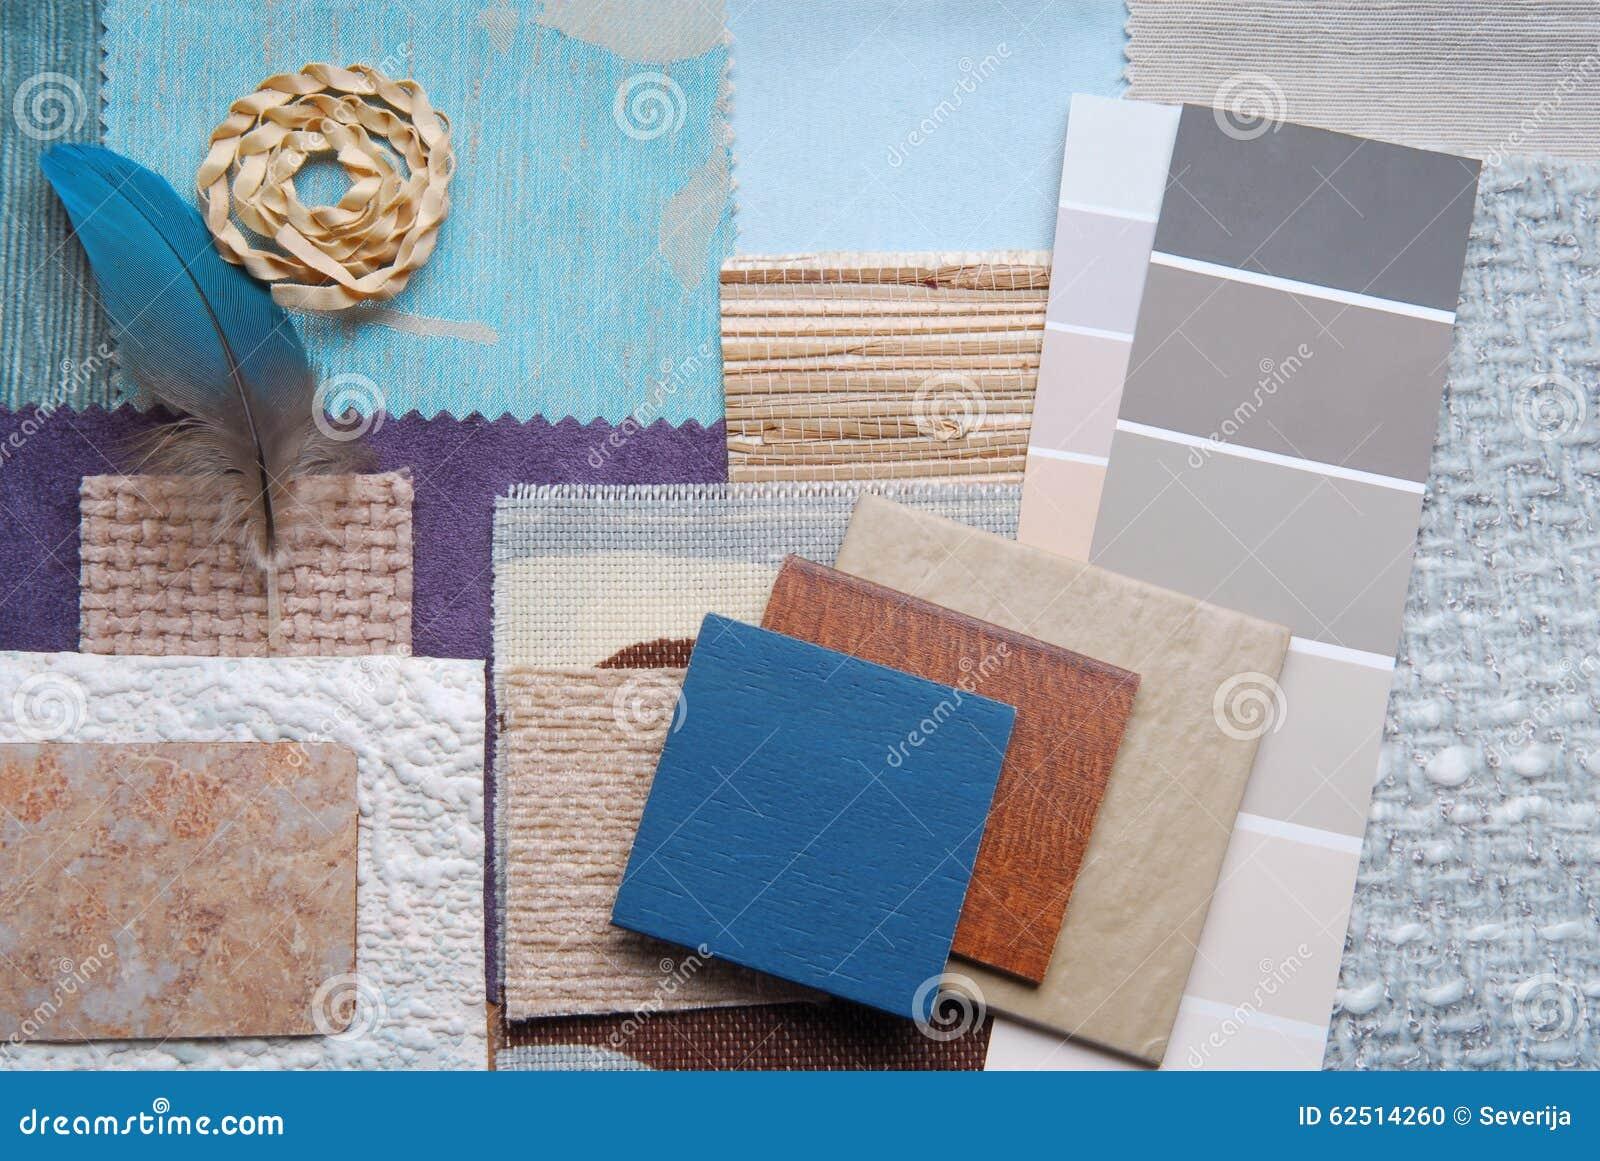 De binnenlandse selectie van het kleurenontwerp stock foto afbeelding 62514260 - Grafiek blauw grijze verf ...